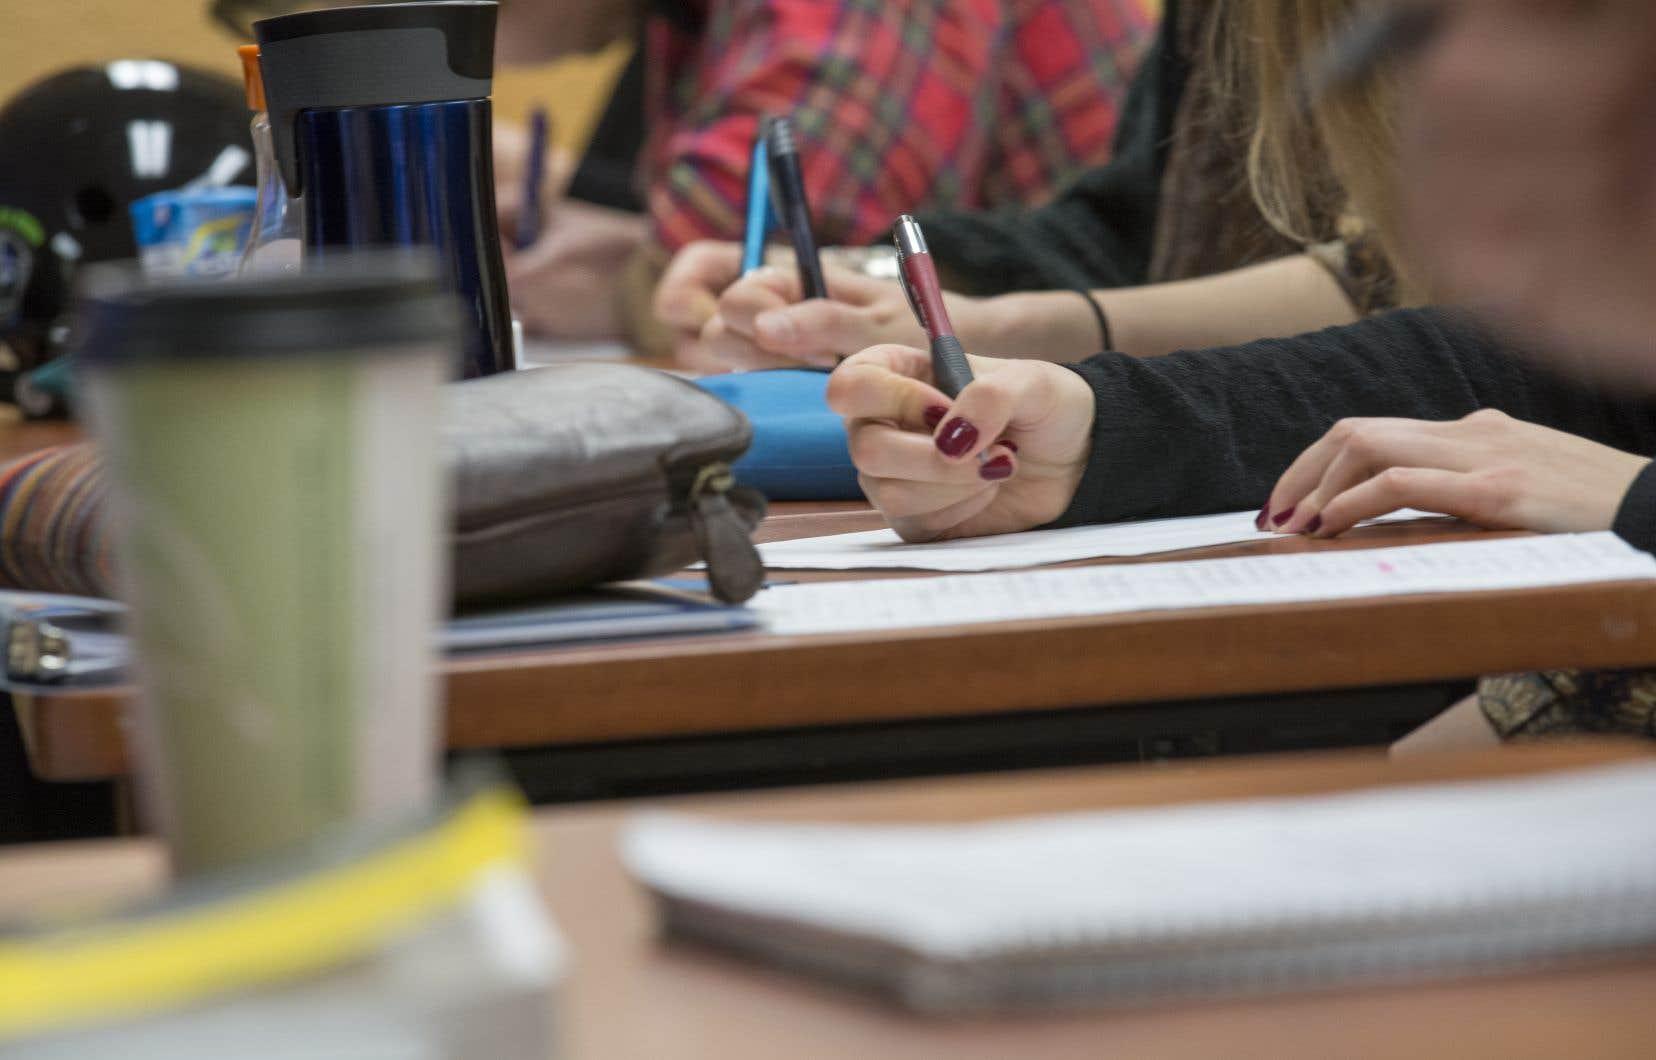 «Attendre plus longtemps la signature du programme ne pourrait que provoquer des retards indus et préjudiciables à nos étudiantes et à nos étudiants ainsi que de l'incertitude chez les enseignants et les enseignantes dans un contexte déjà difficile», estime les signataires.